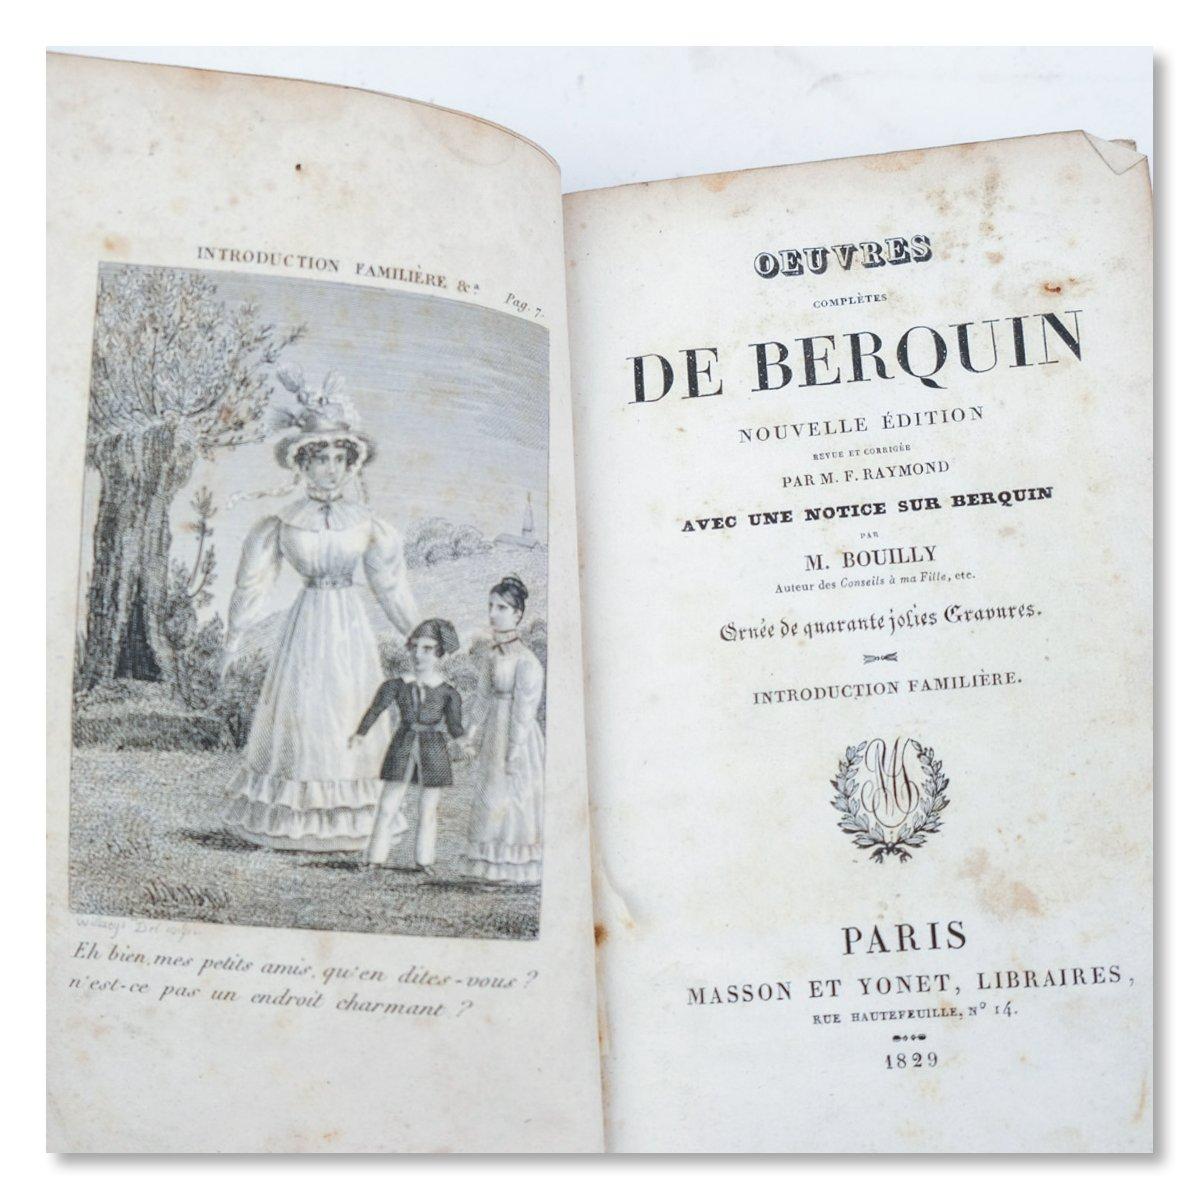 Oeuvres de Berquin, 4 delen, 1829